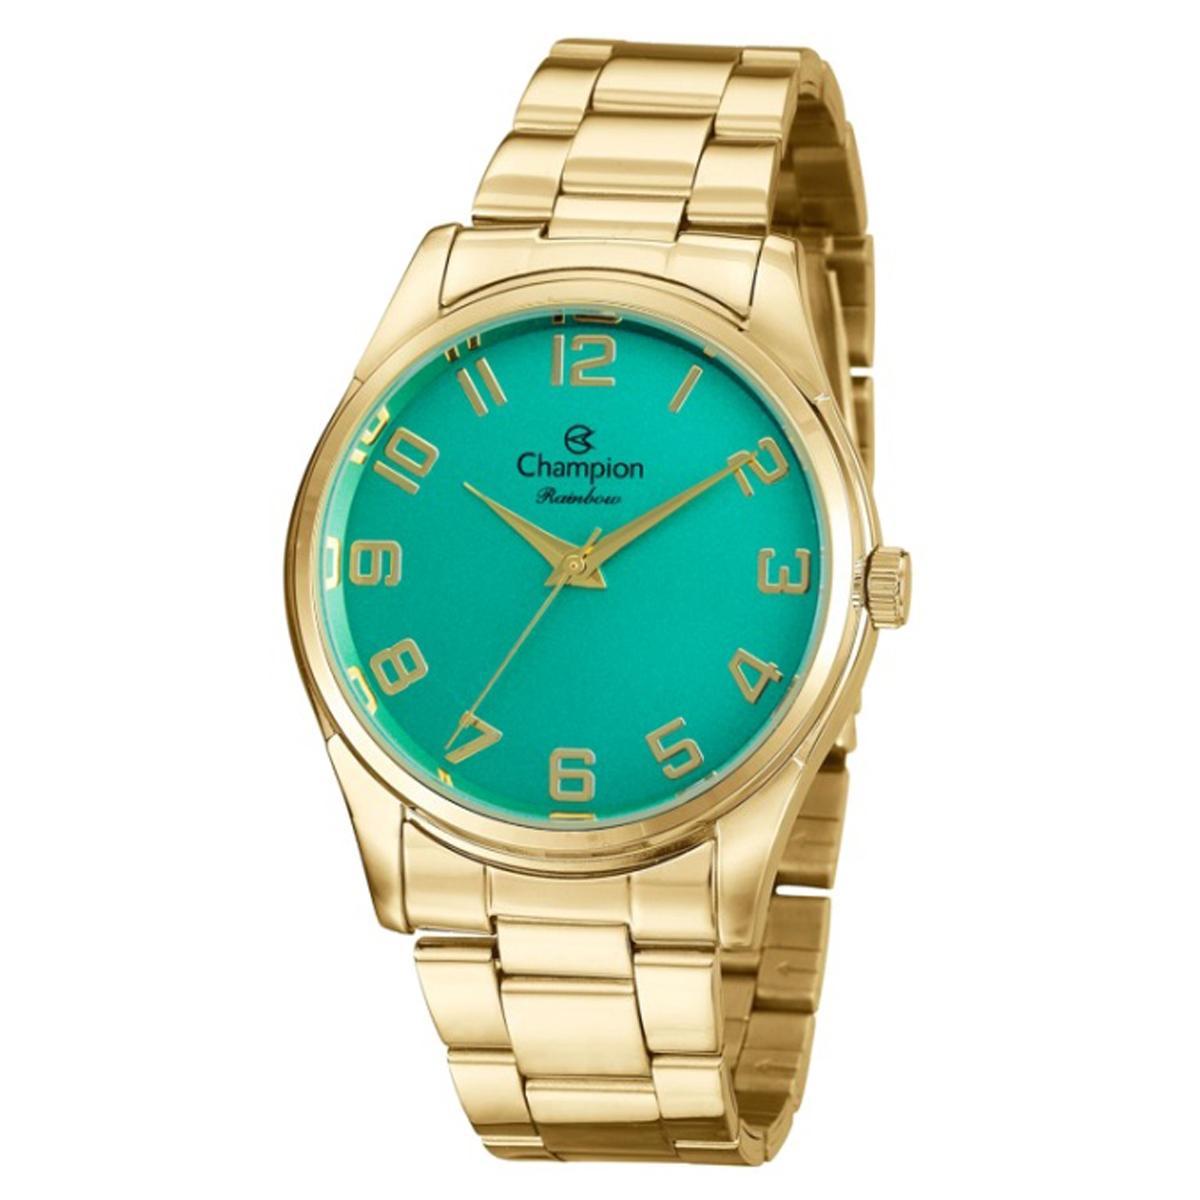 2c754d9efb1 Relogio Champion Feminino Verde CN29884G - Relógio Feminino ...